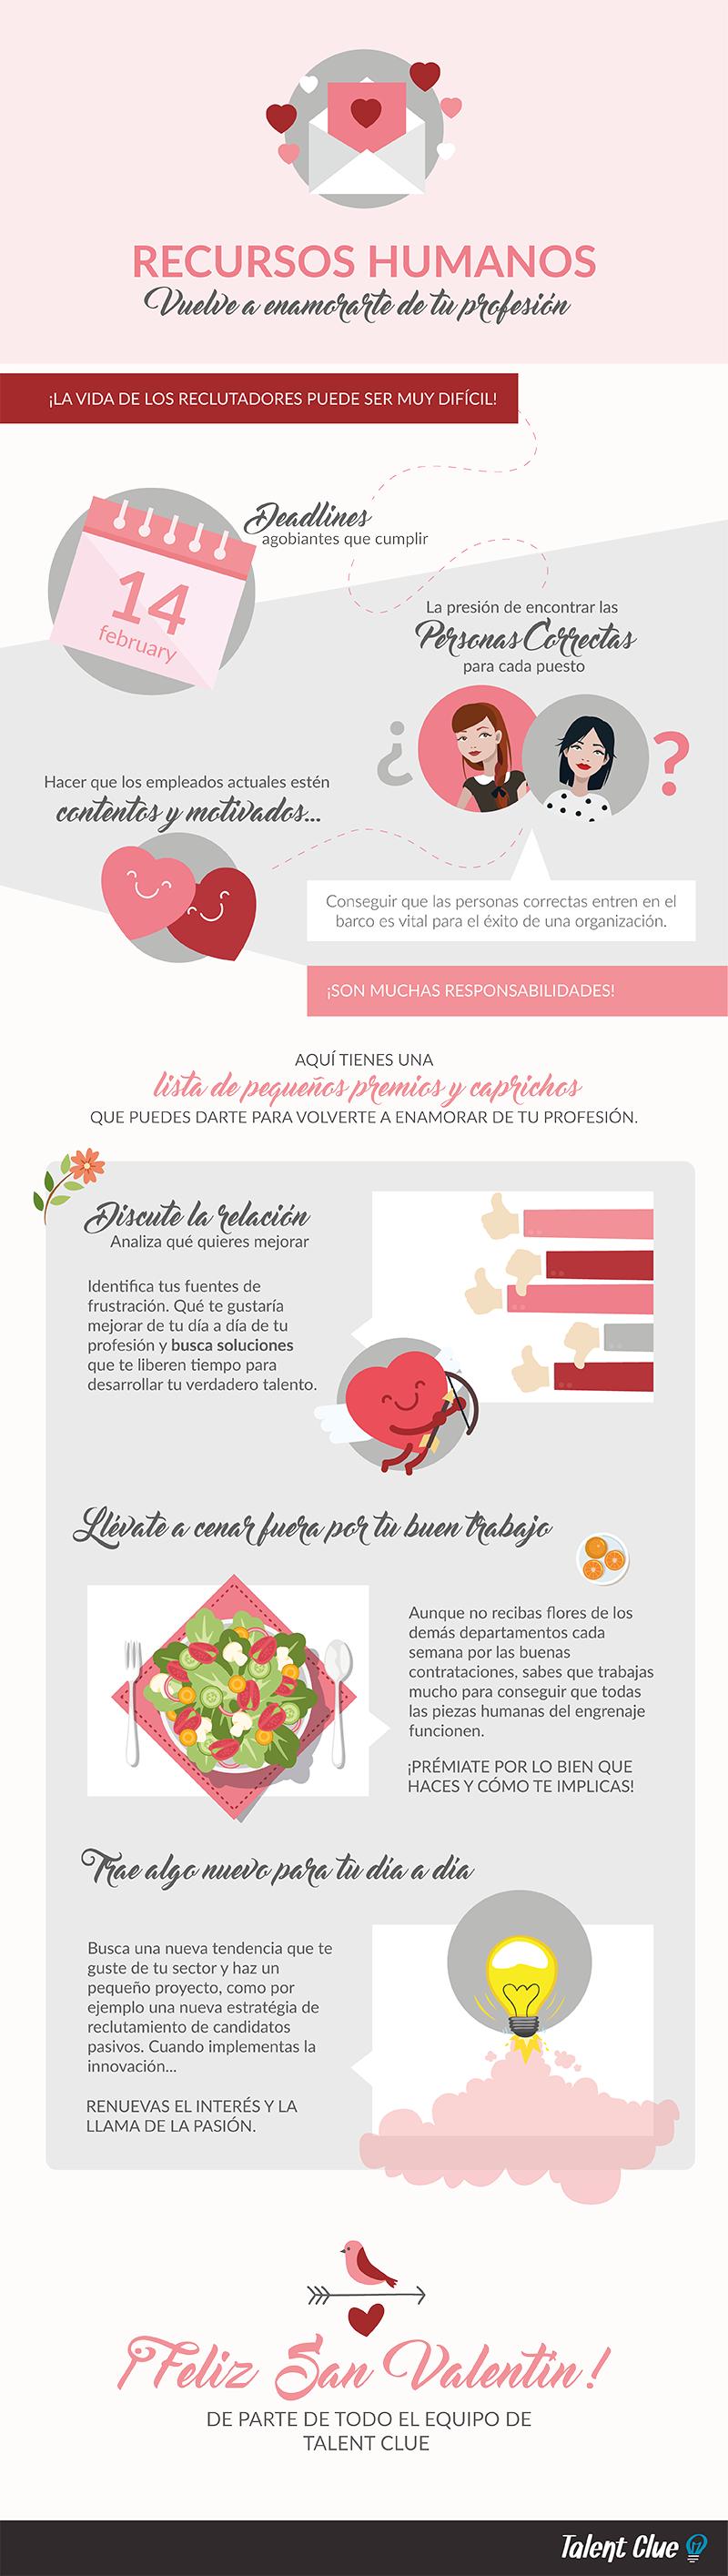 Infografia San Valentín Vuelve a enamorarte del trabajo de reclutamiento